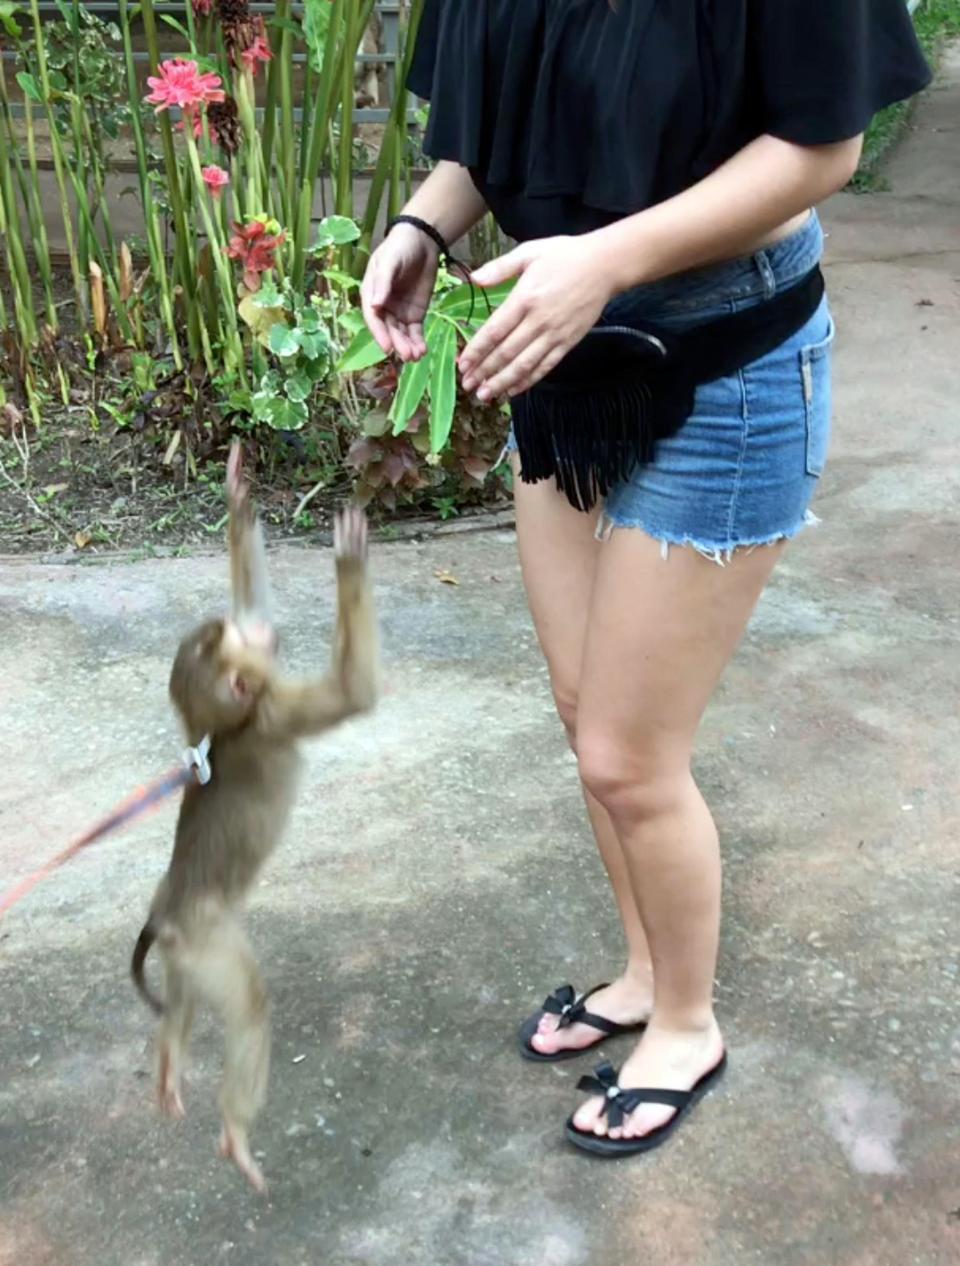 Нахальная обезьянка чуть не раздела туристку в Таиланде